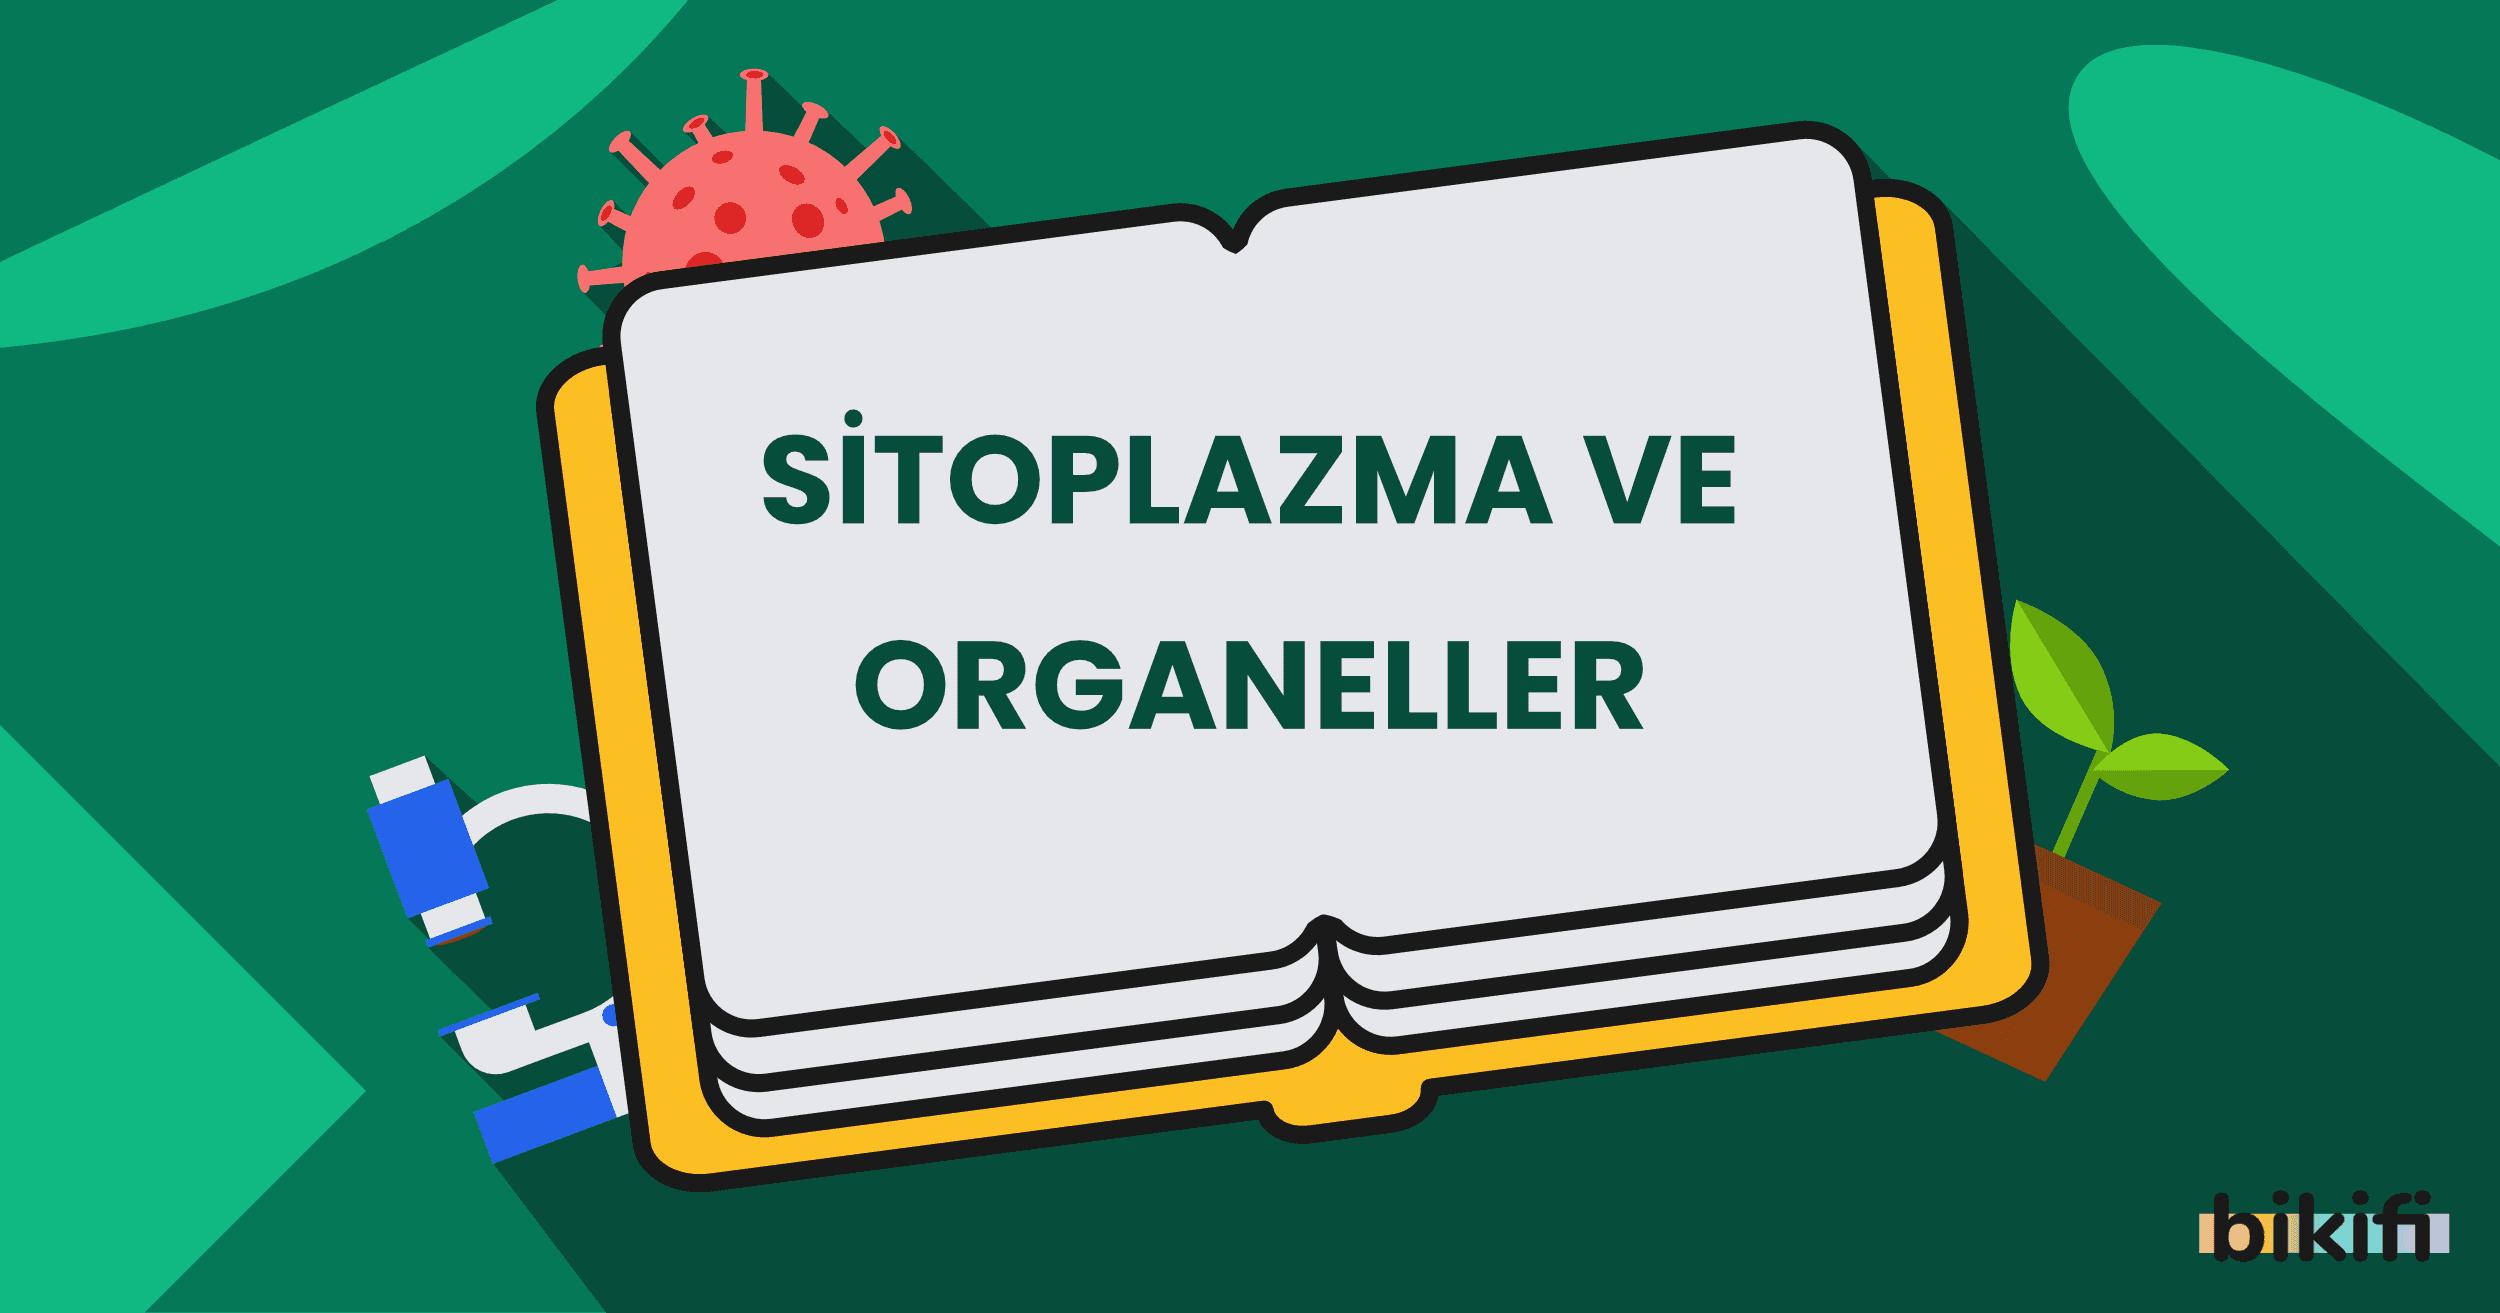 Sitoplazma ve Organeller